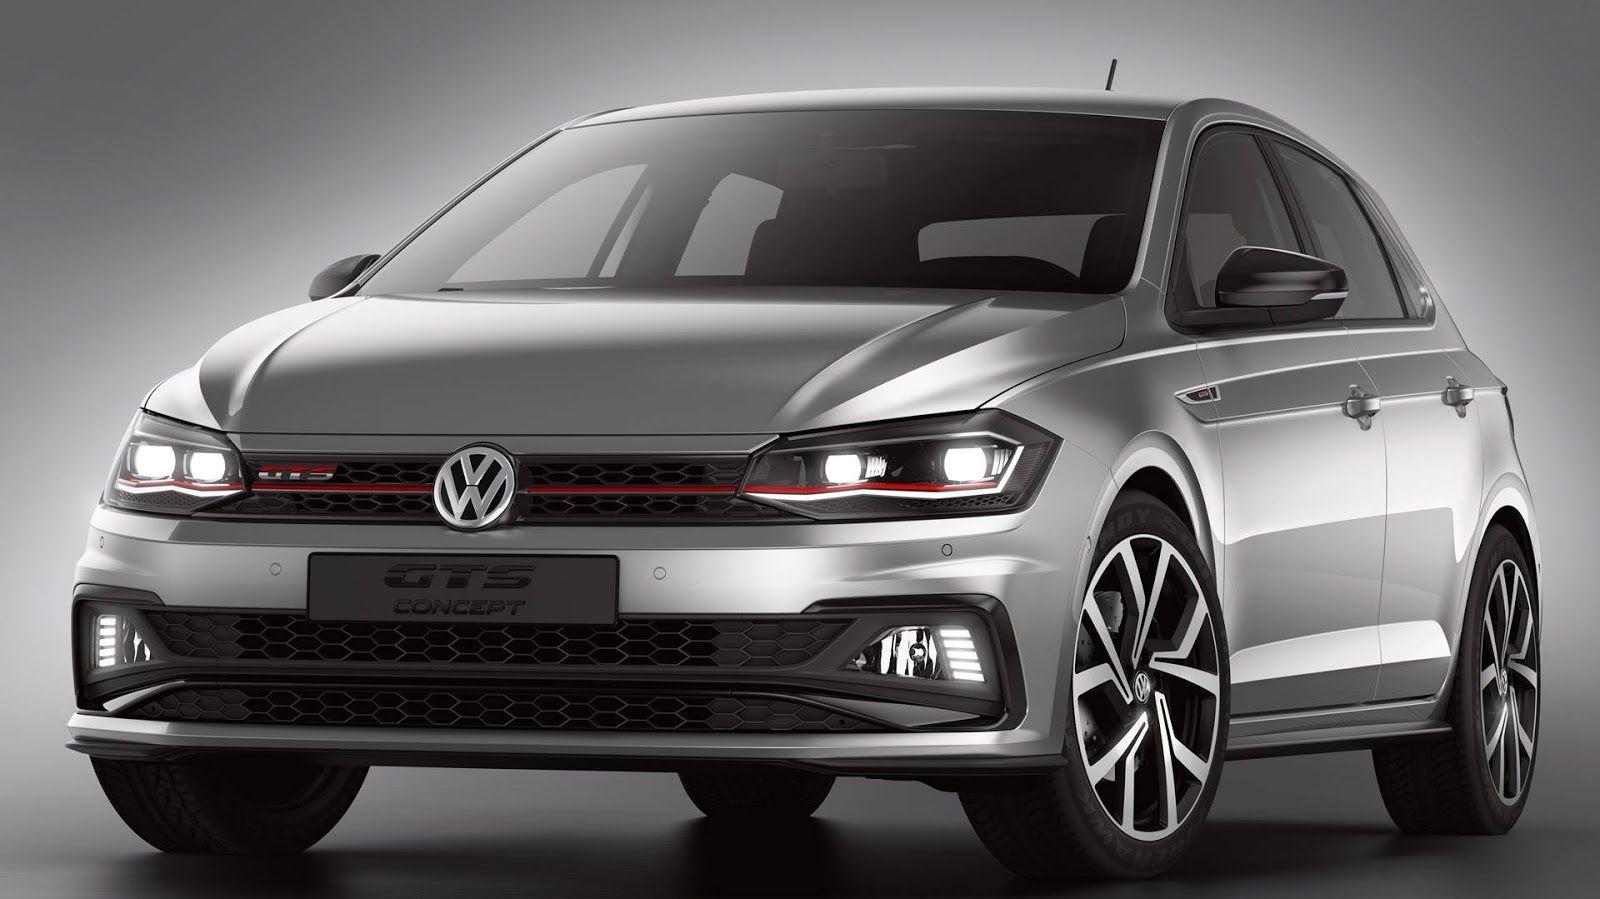 Vw Polo E Virtus Gts Confirmados Para 2019 Lancamento Car Blog Br Volkswagenpolo Volkswagen Polo Car Volkswagen Volkswagen